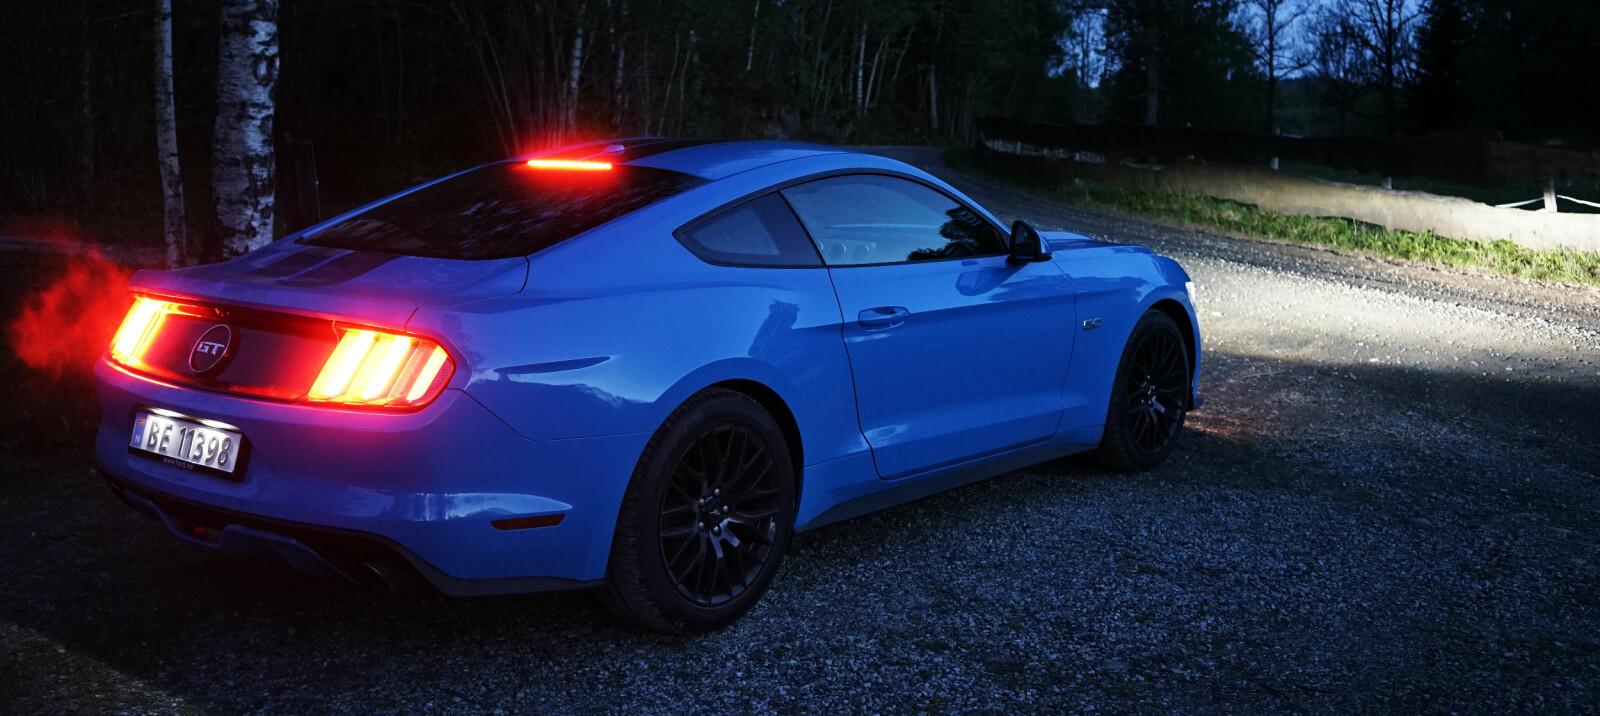 <b>TRE RIBBER:</b> Også 2017-Mustangen har de klassiske familietrekkene: Lykter med tre ribber, rundt merke mellom dem, fastback, sinte hovedlykter og søte små lykter under – og hesten i grillen.